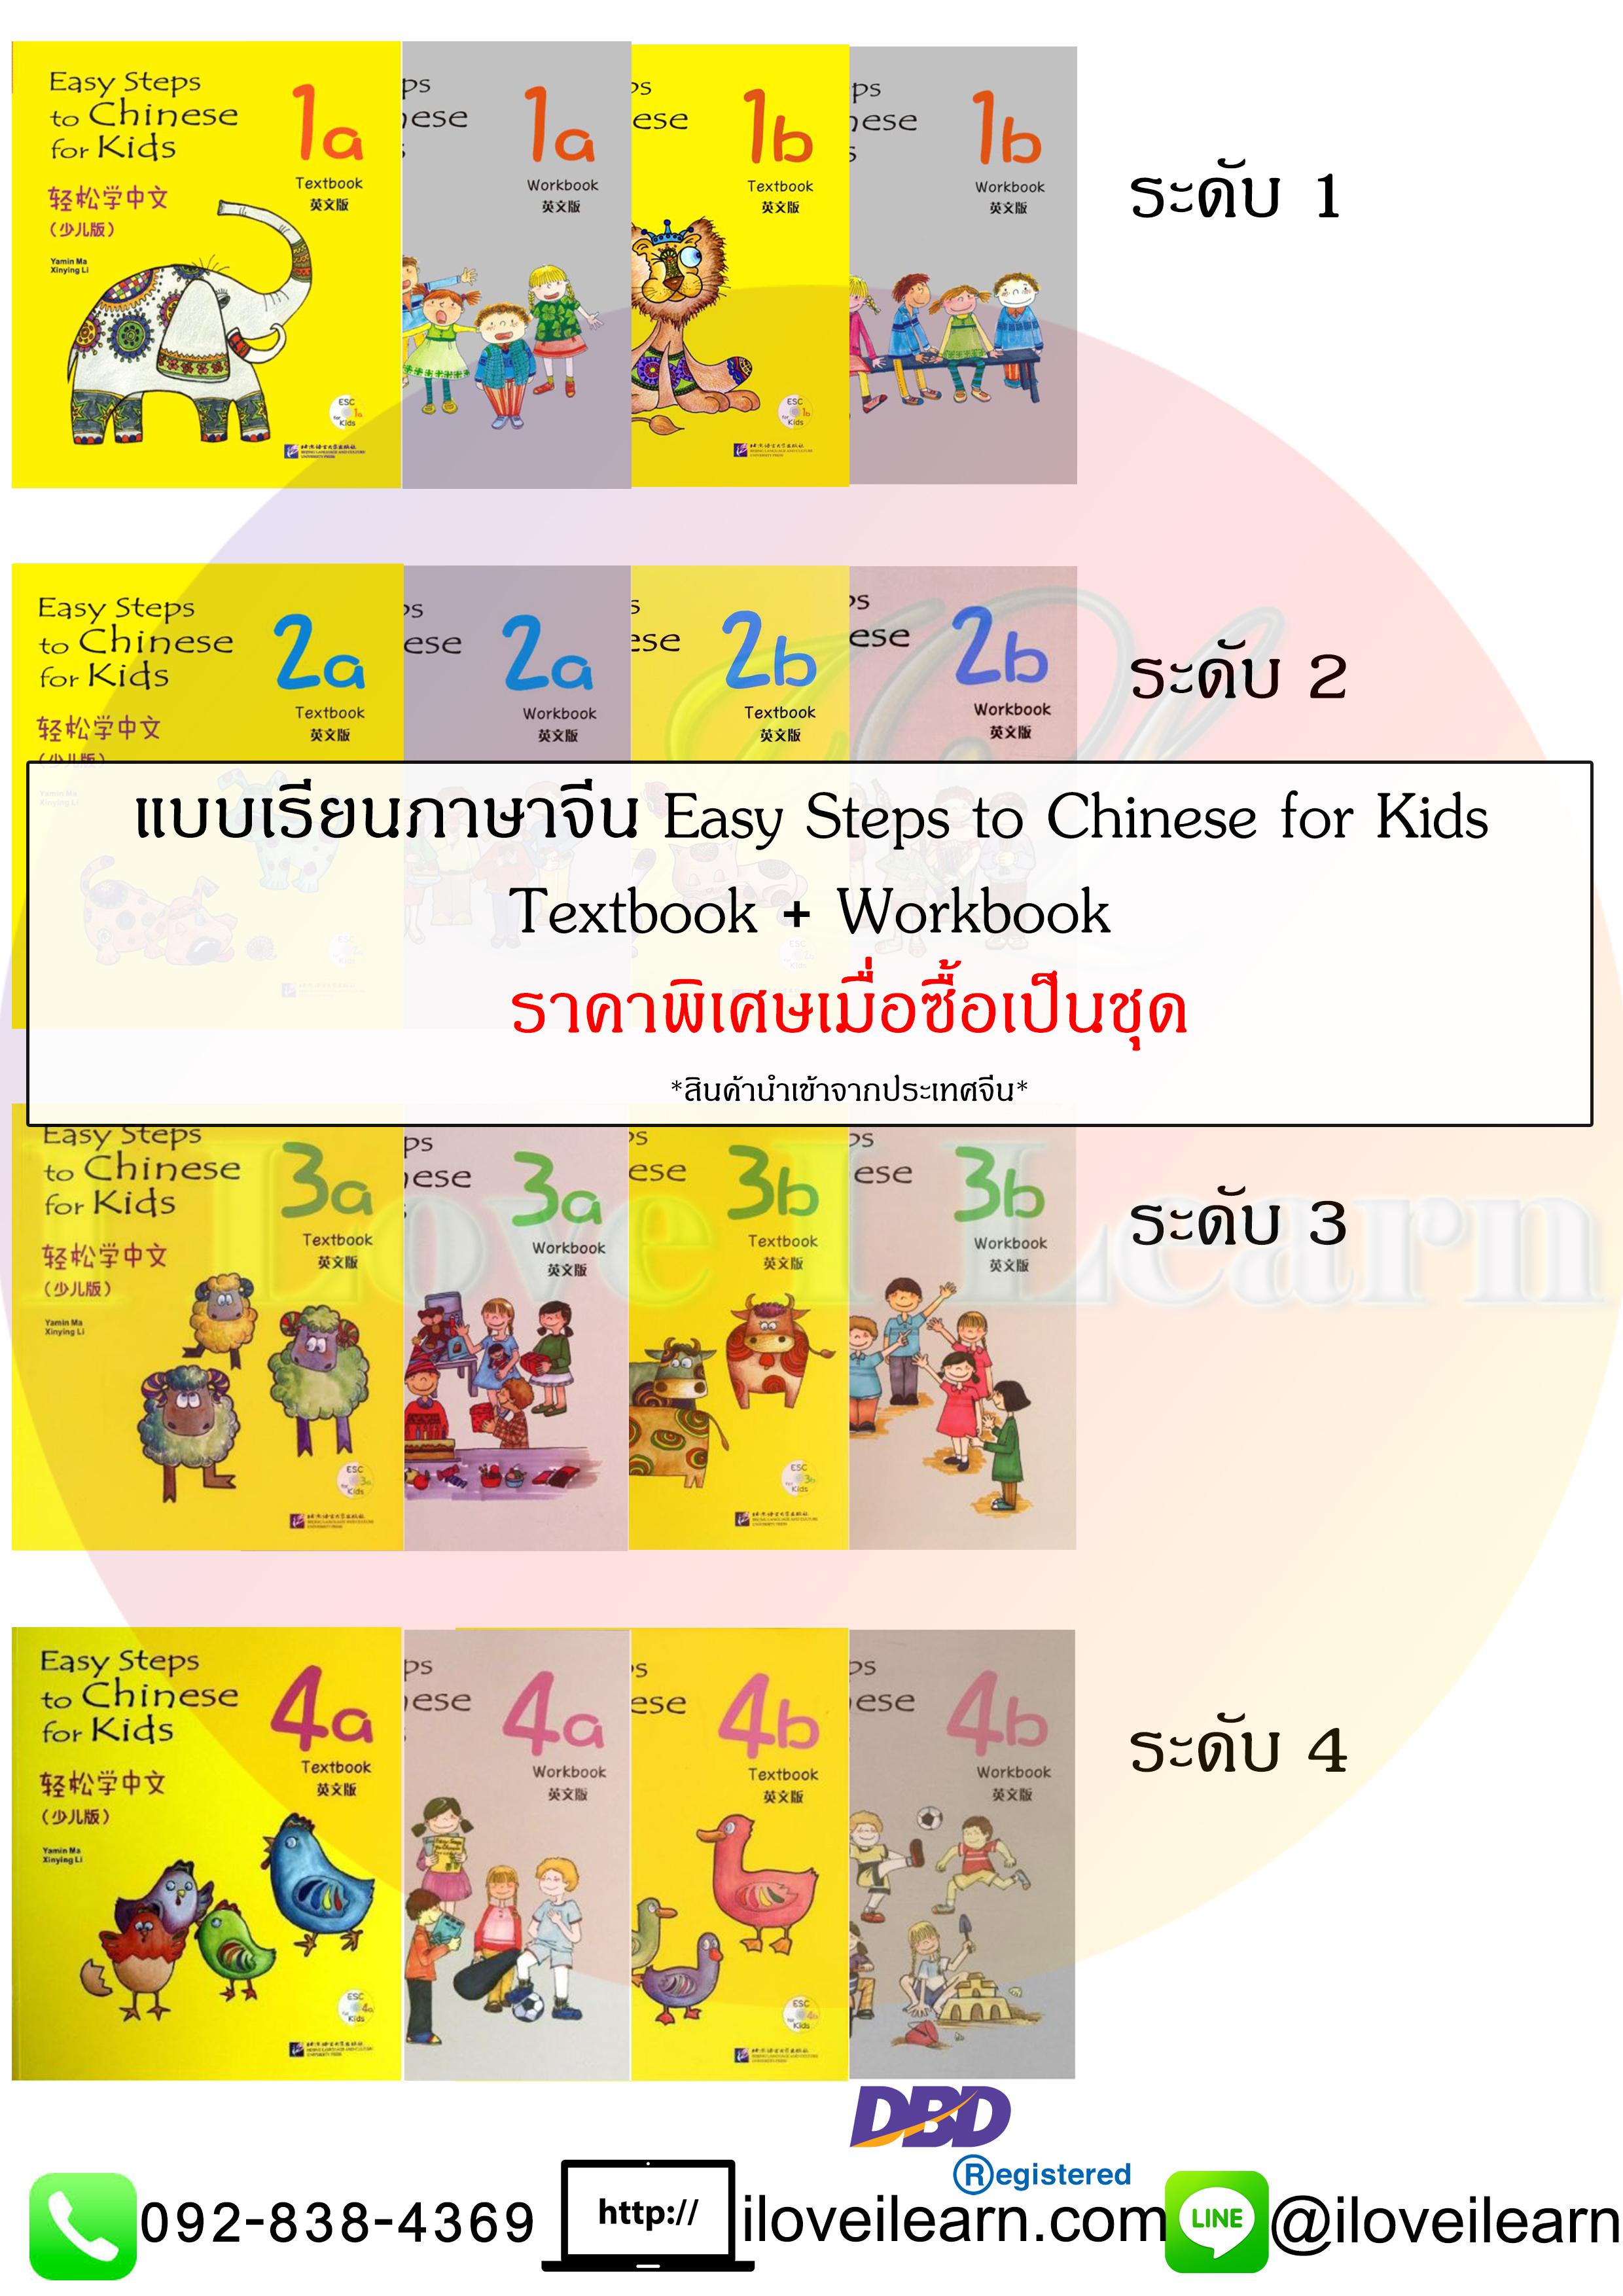 ชุดแบบเรียนภาษาจีน Easy Steps to Chinese for Kids Textbook + Workbook